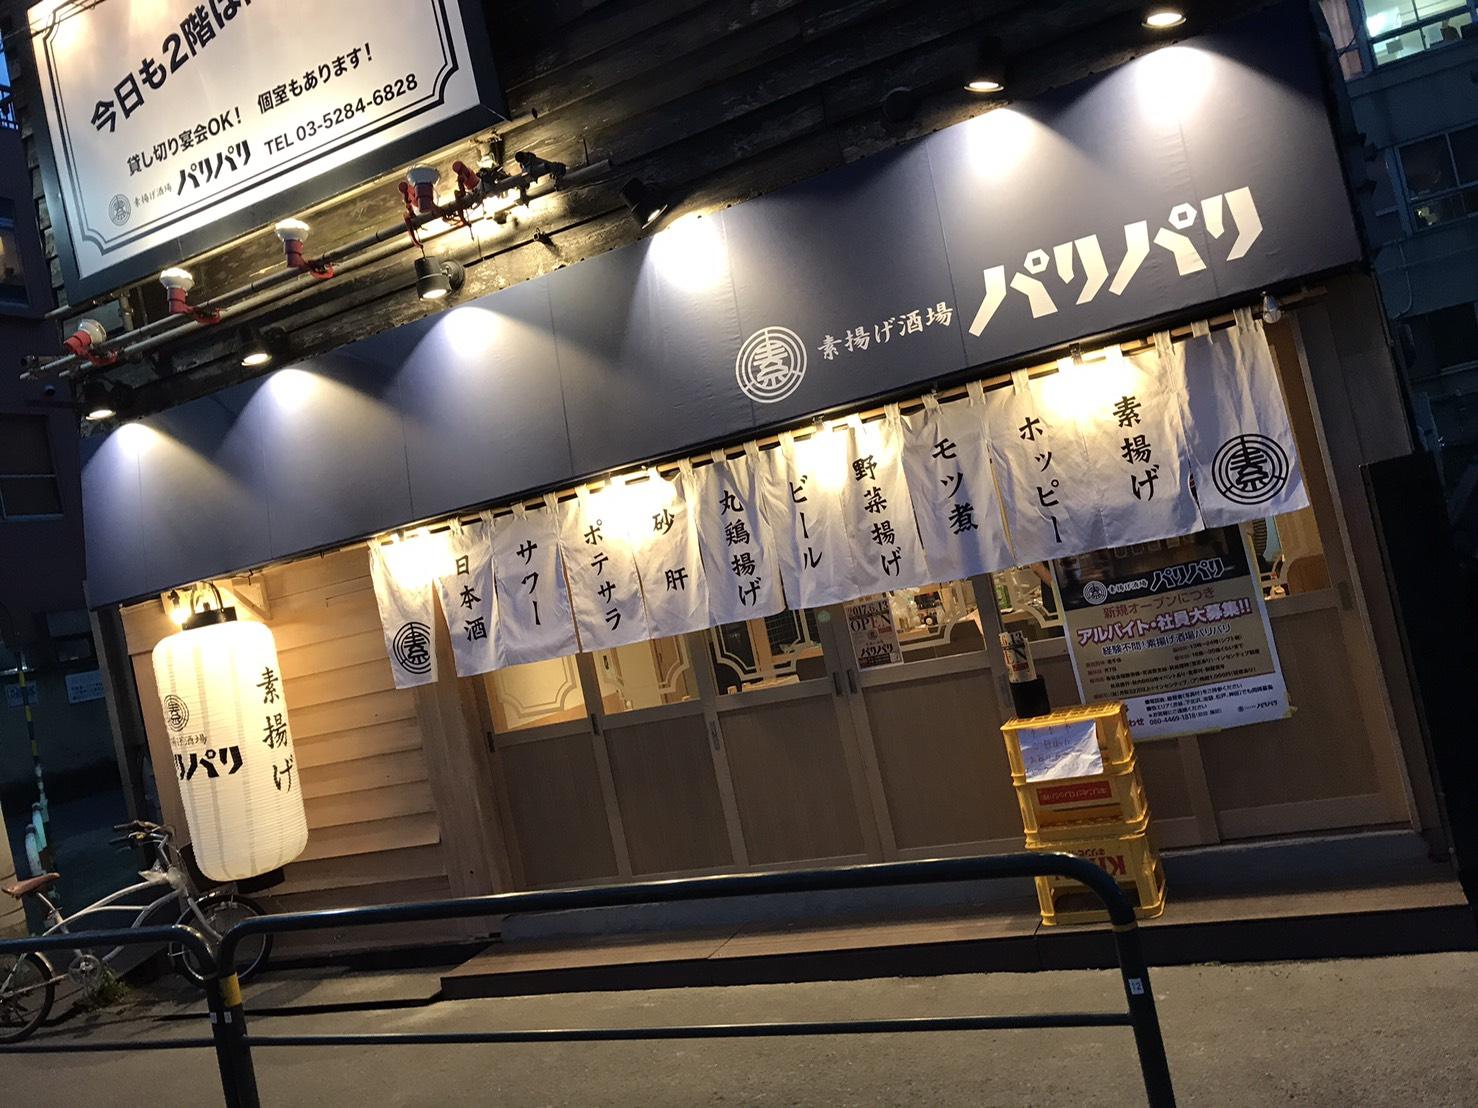 【北千住駅近】素揚げ酒場パリパリ、大好評いただいています!